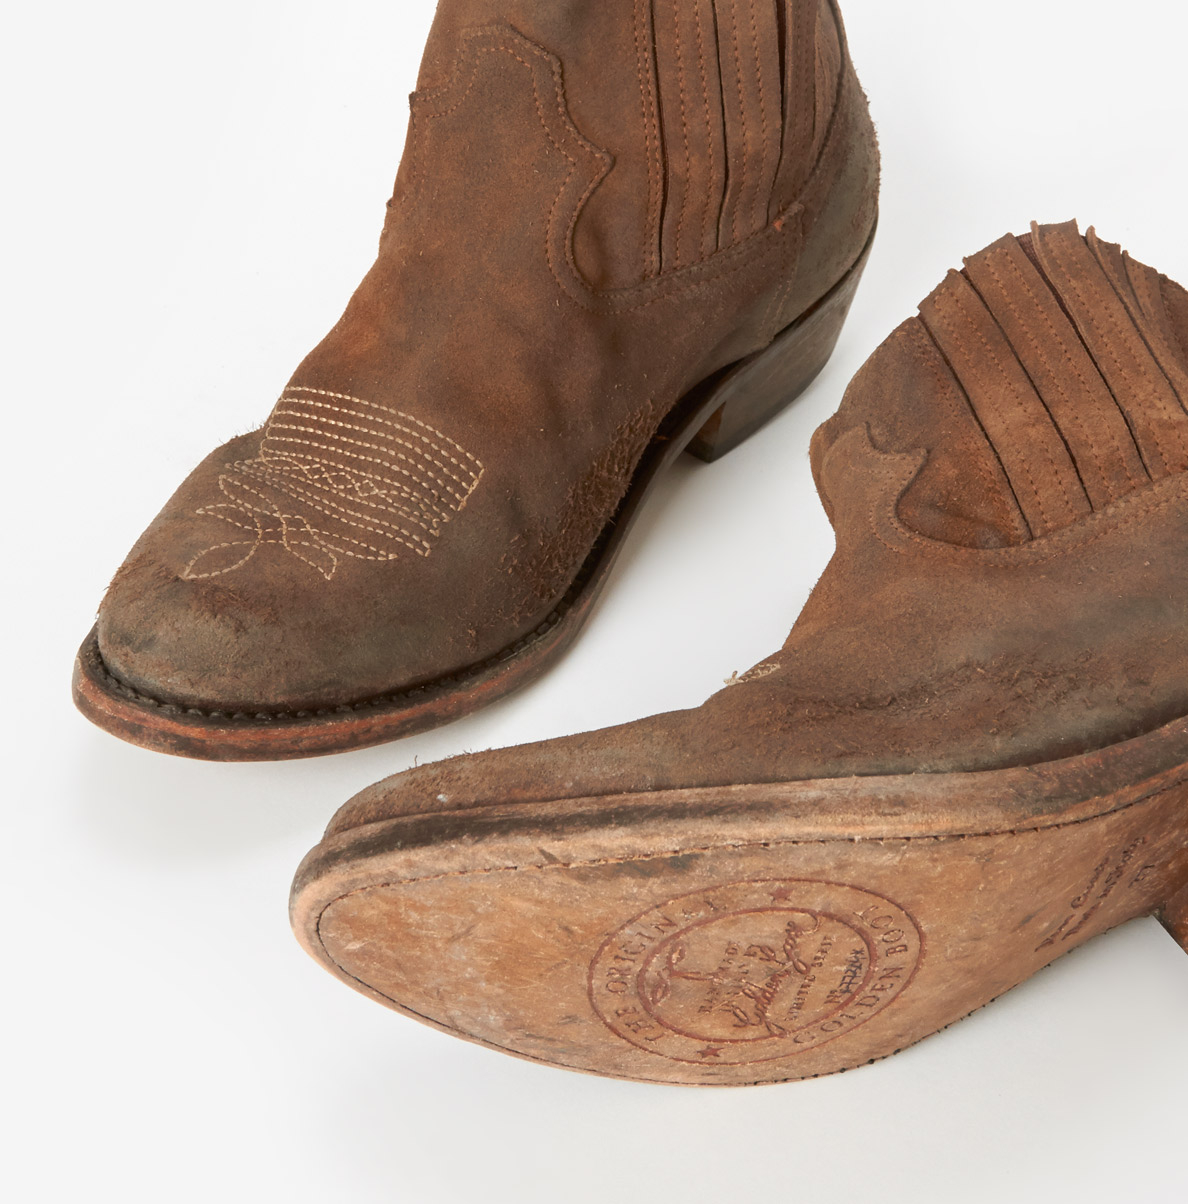 d772e6505c893 Lyst golden goose deluxe brand crosby boot in brown jpg 1188x1204 Golden  goose boots